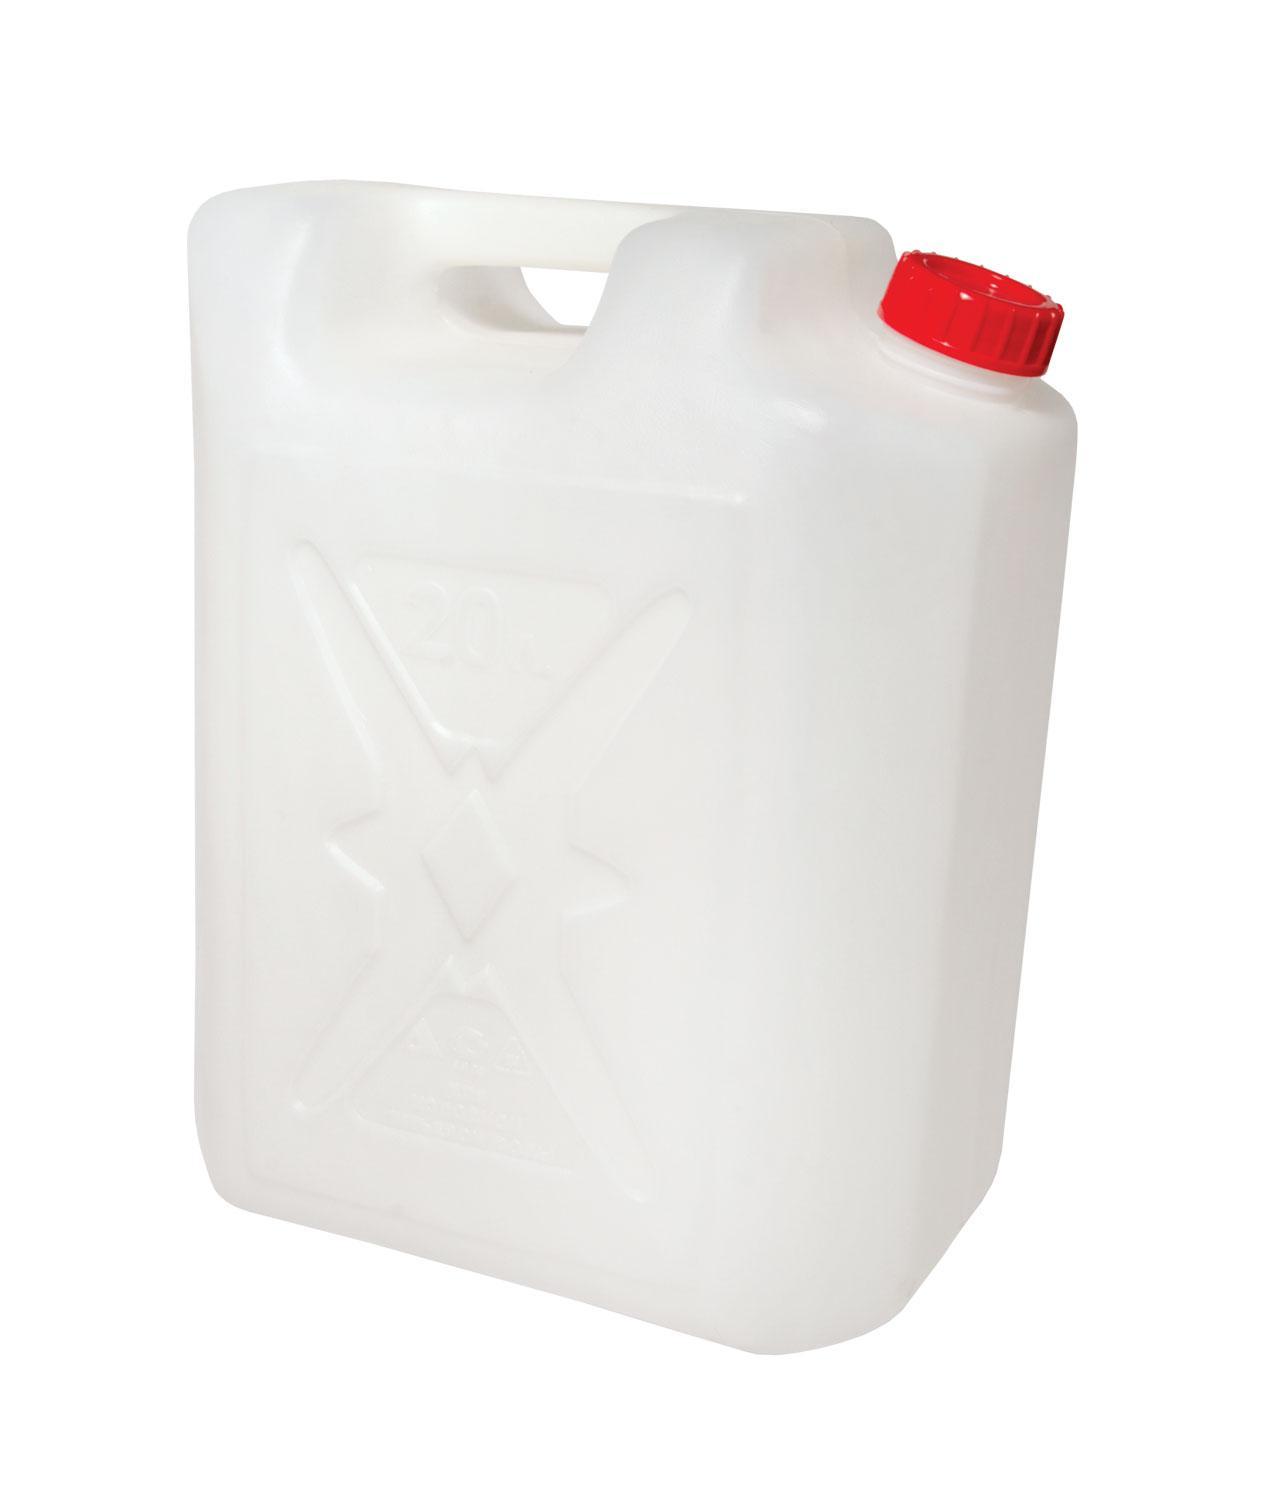 Канистра Альтернатива, 13 лМ461_желтыйКанистра Альтернатива на 13 литров, изготовленная из прочного пластика, несомненно, пригодится вам во время путешествия. Предназначена для переноски и хранения различных жидкостей.